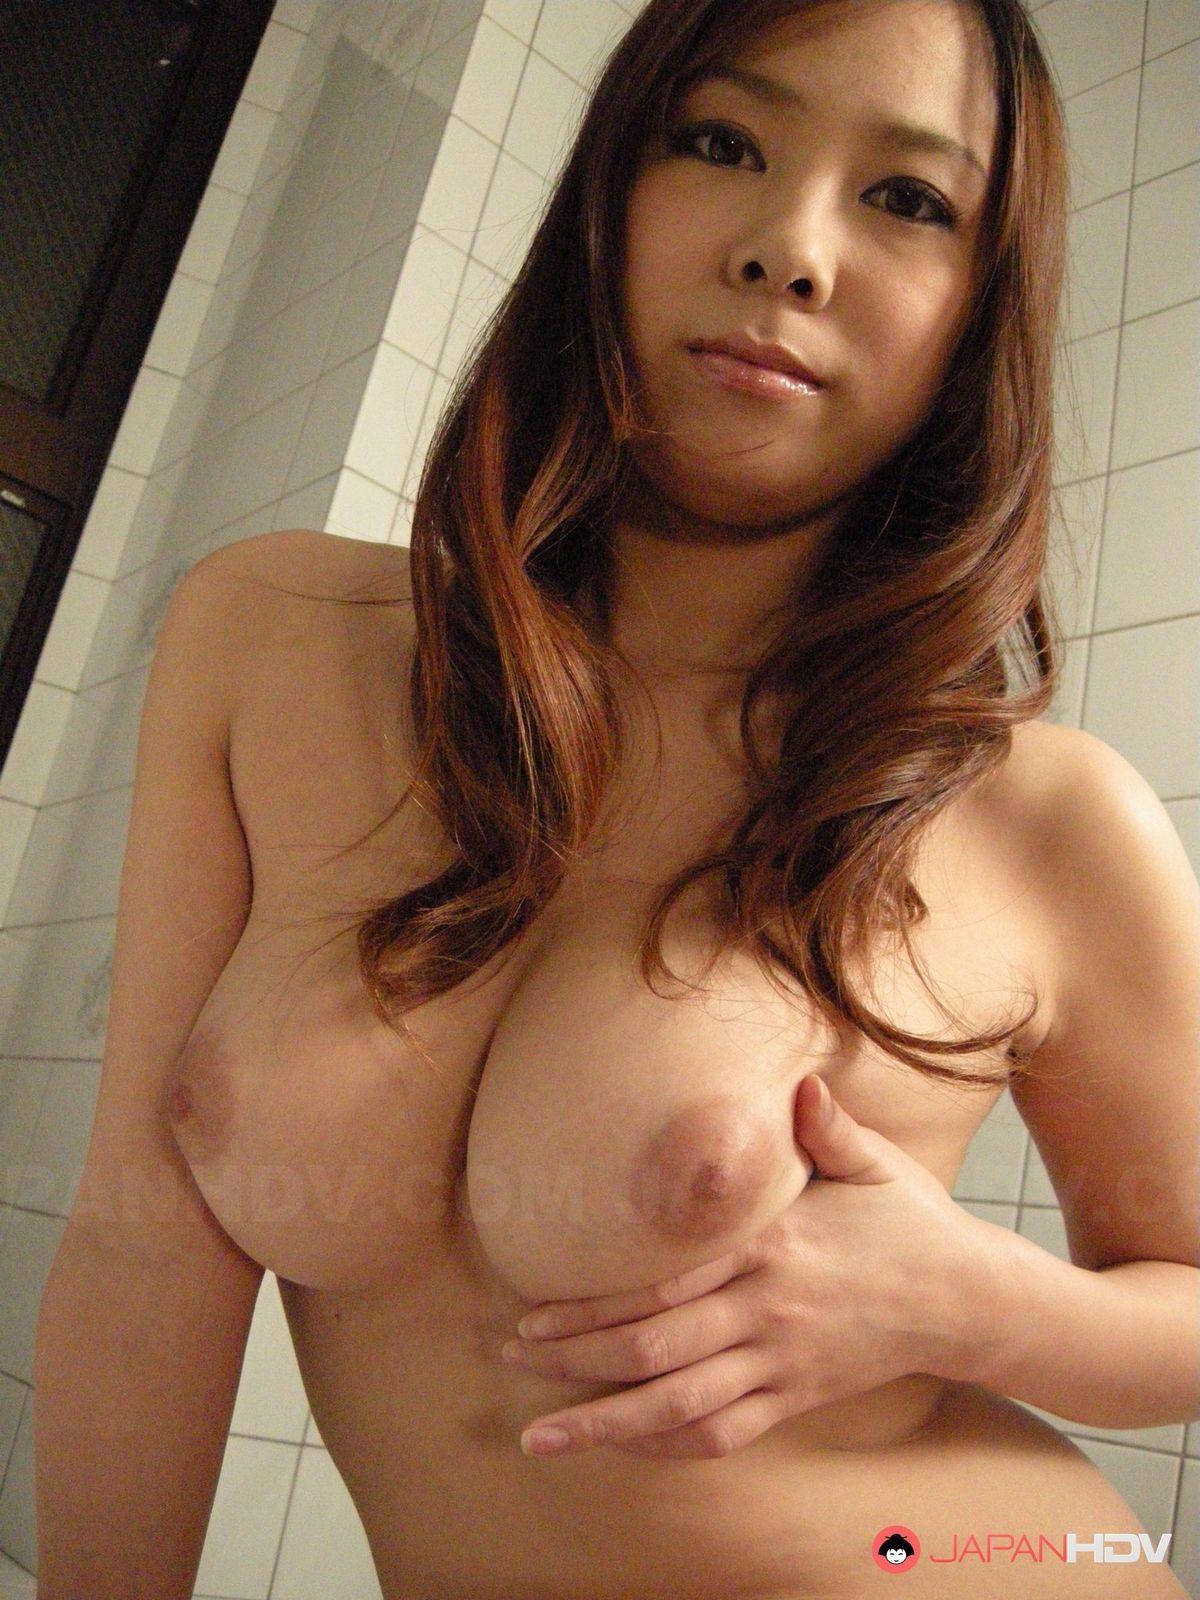 Как мастурбировать в помывочной, прекрасно знает эта изумительная японочка с волосатой пиздой